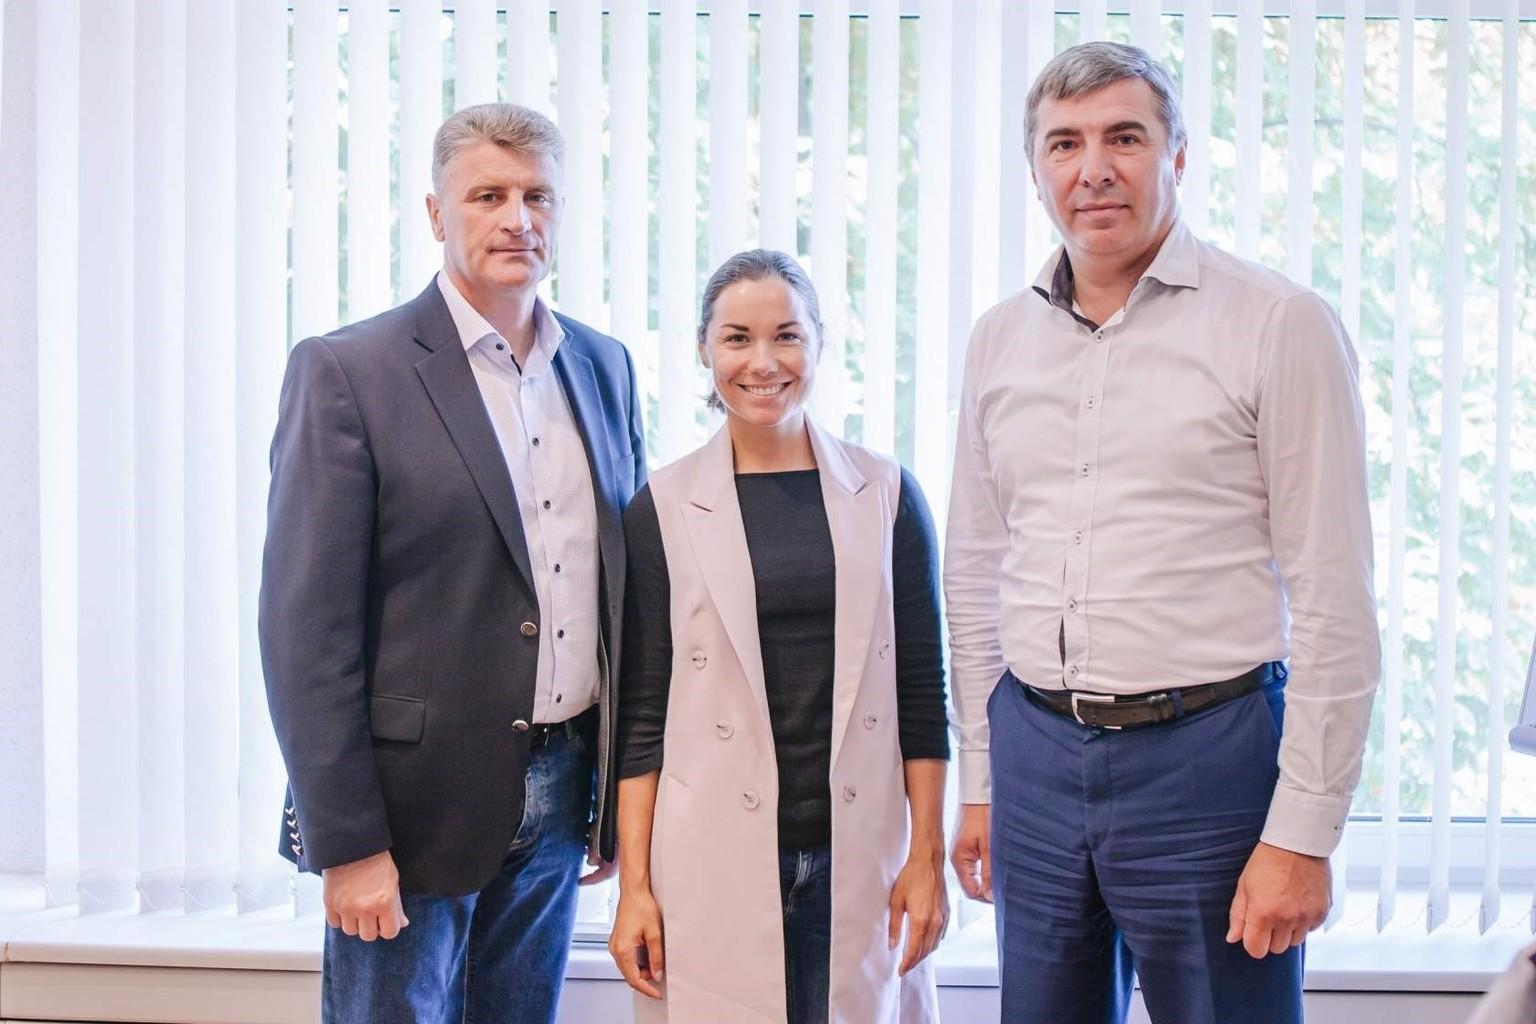 Олимпийская чемпионка Надежда Скардино будет сотрудничать с ОАО «Свiтанак»